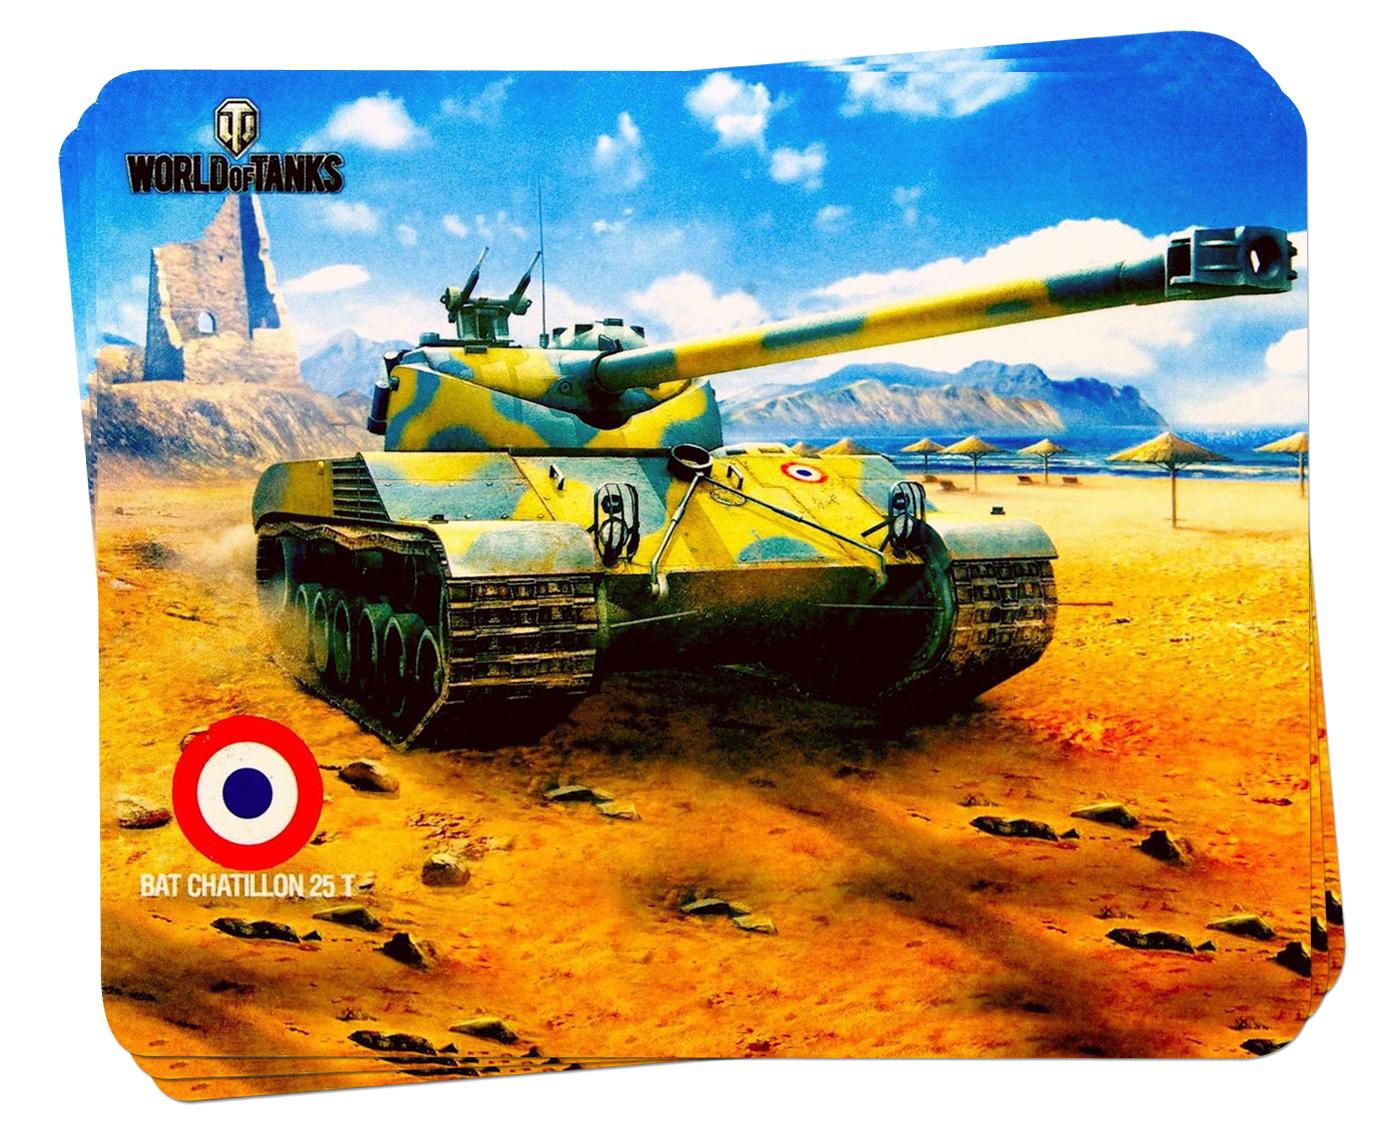 Для напряжённых моментов - игровые коврики World of Tanks!